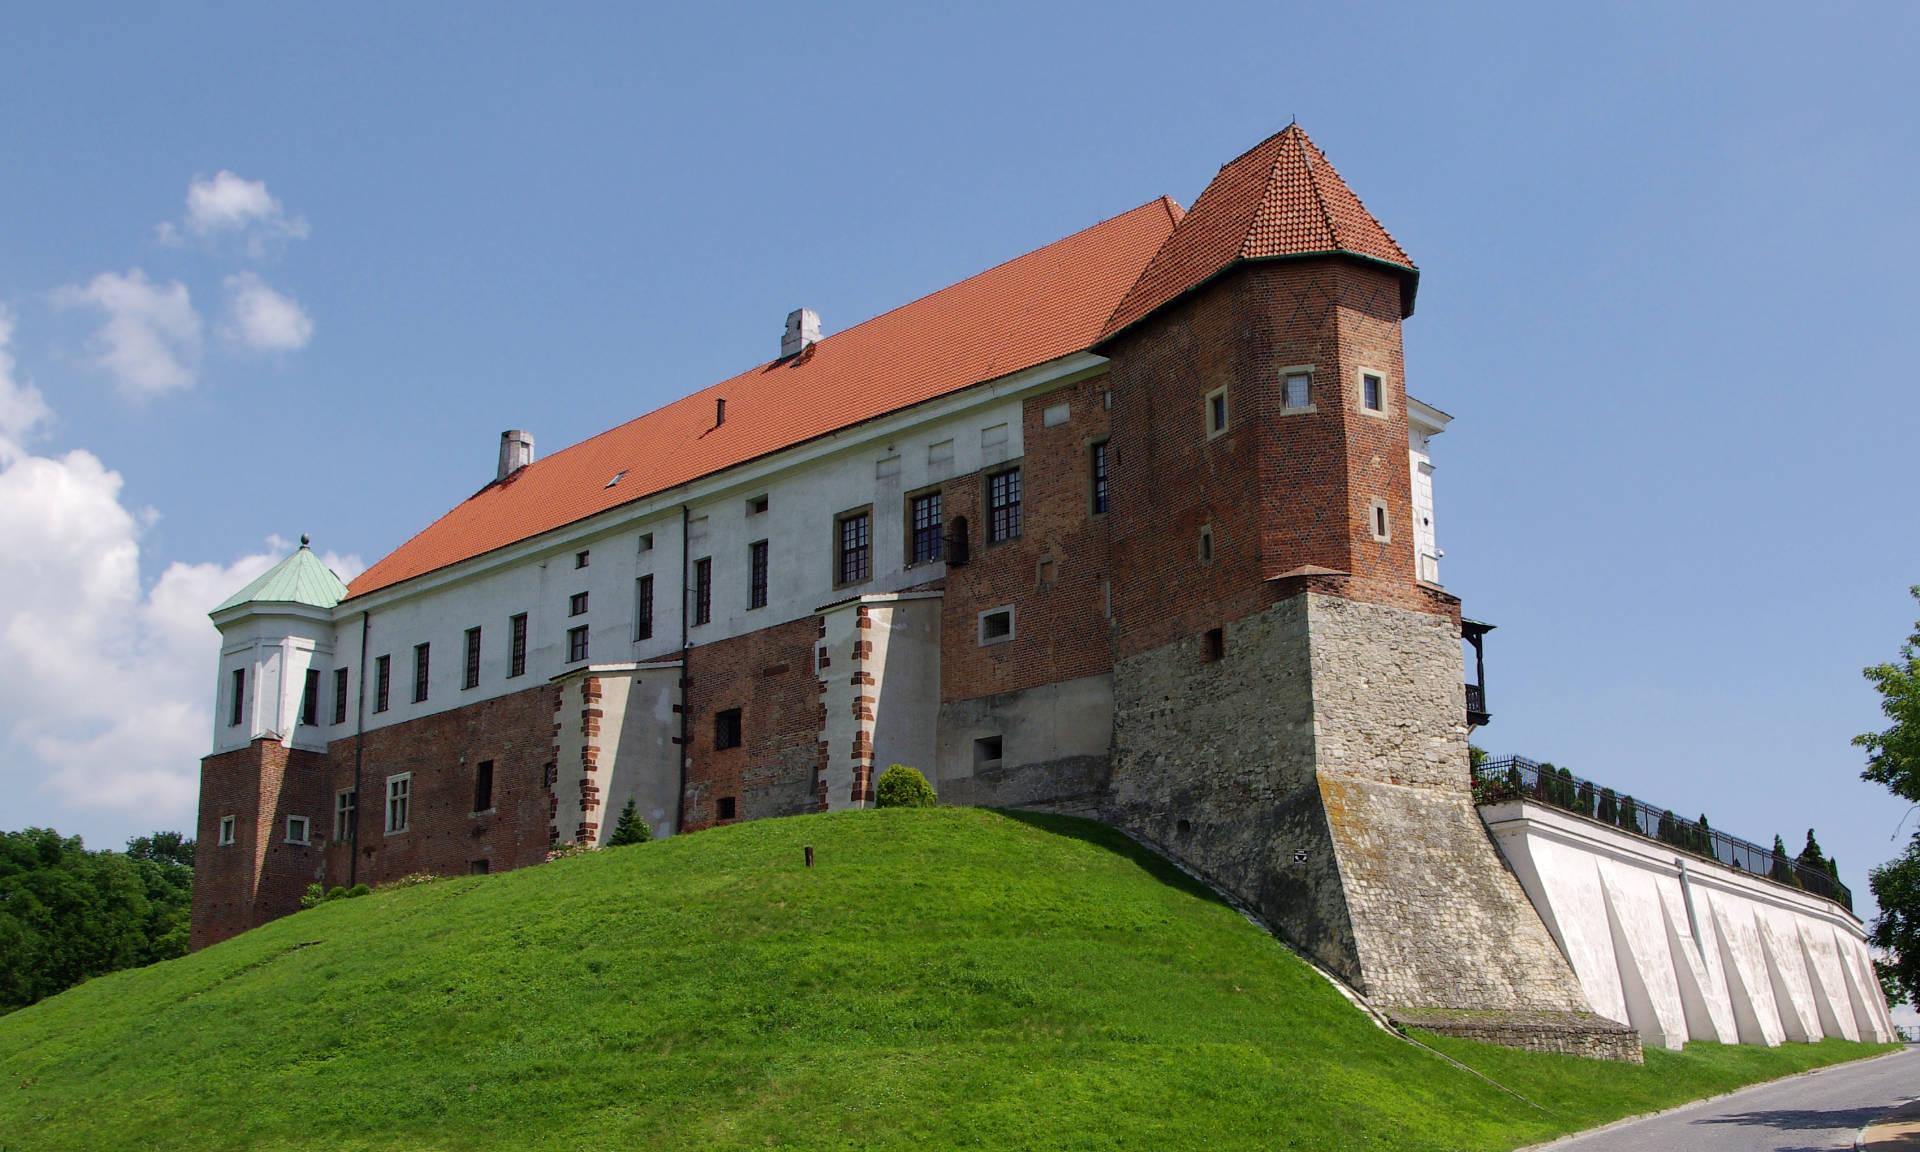 Zu sehen ist das Schloss in Sandomierz, Bild: Jakub Hałun